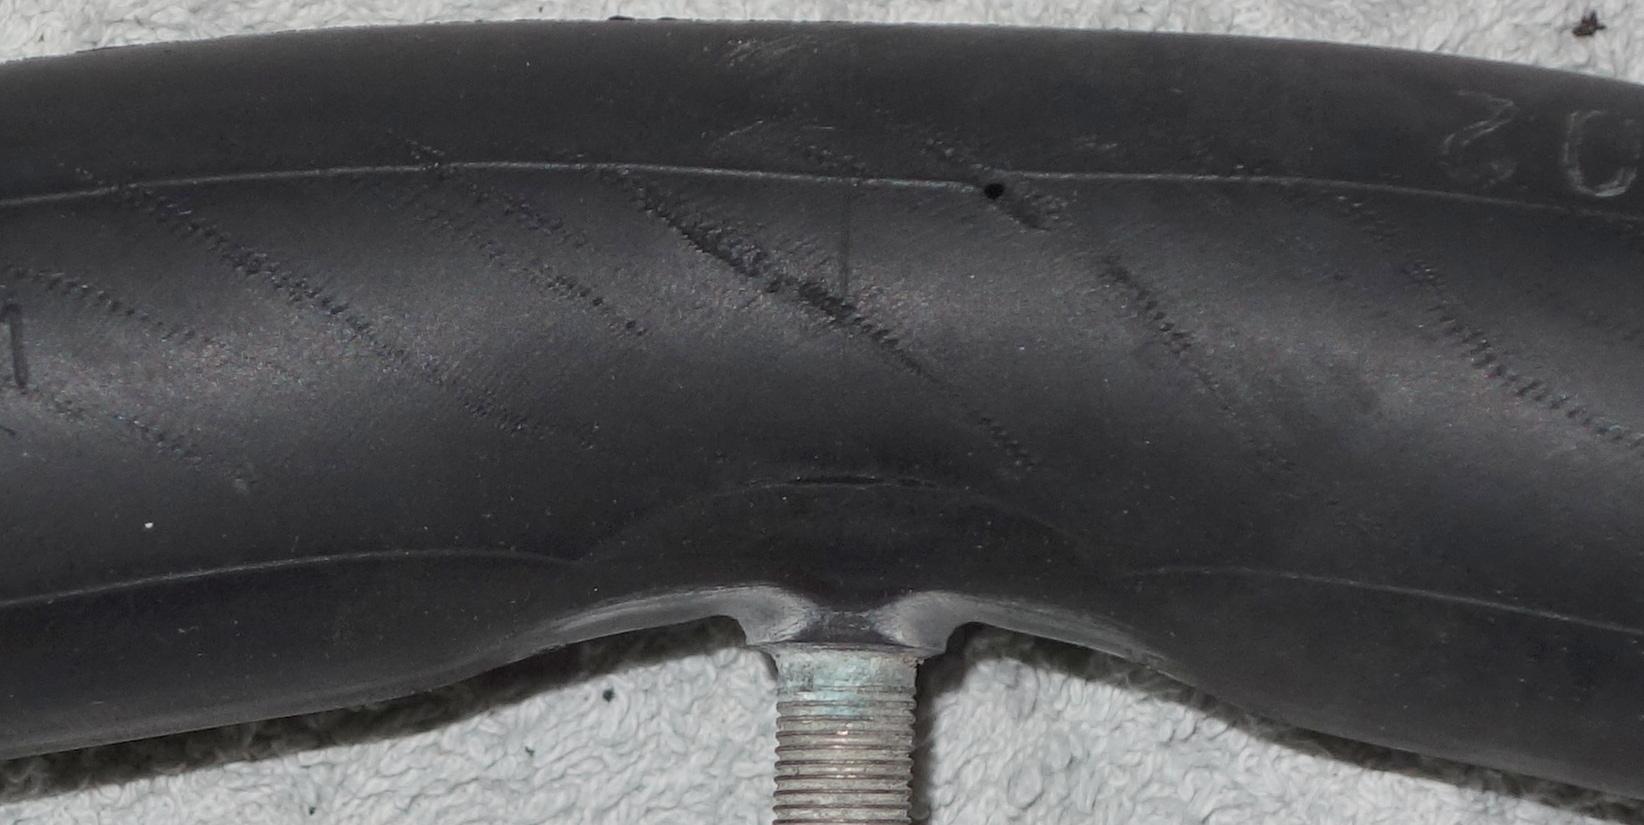 Fahrradschlauch bekommt Loch ohne das von außen etwas einsticht ...